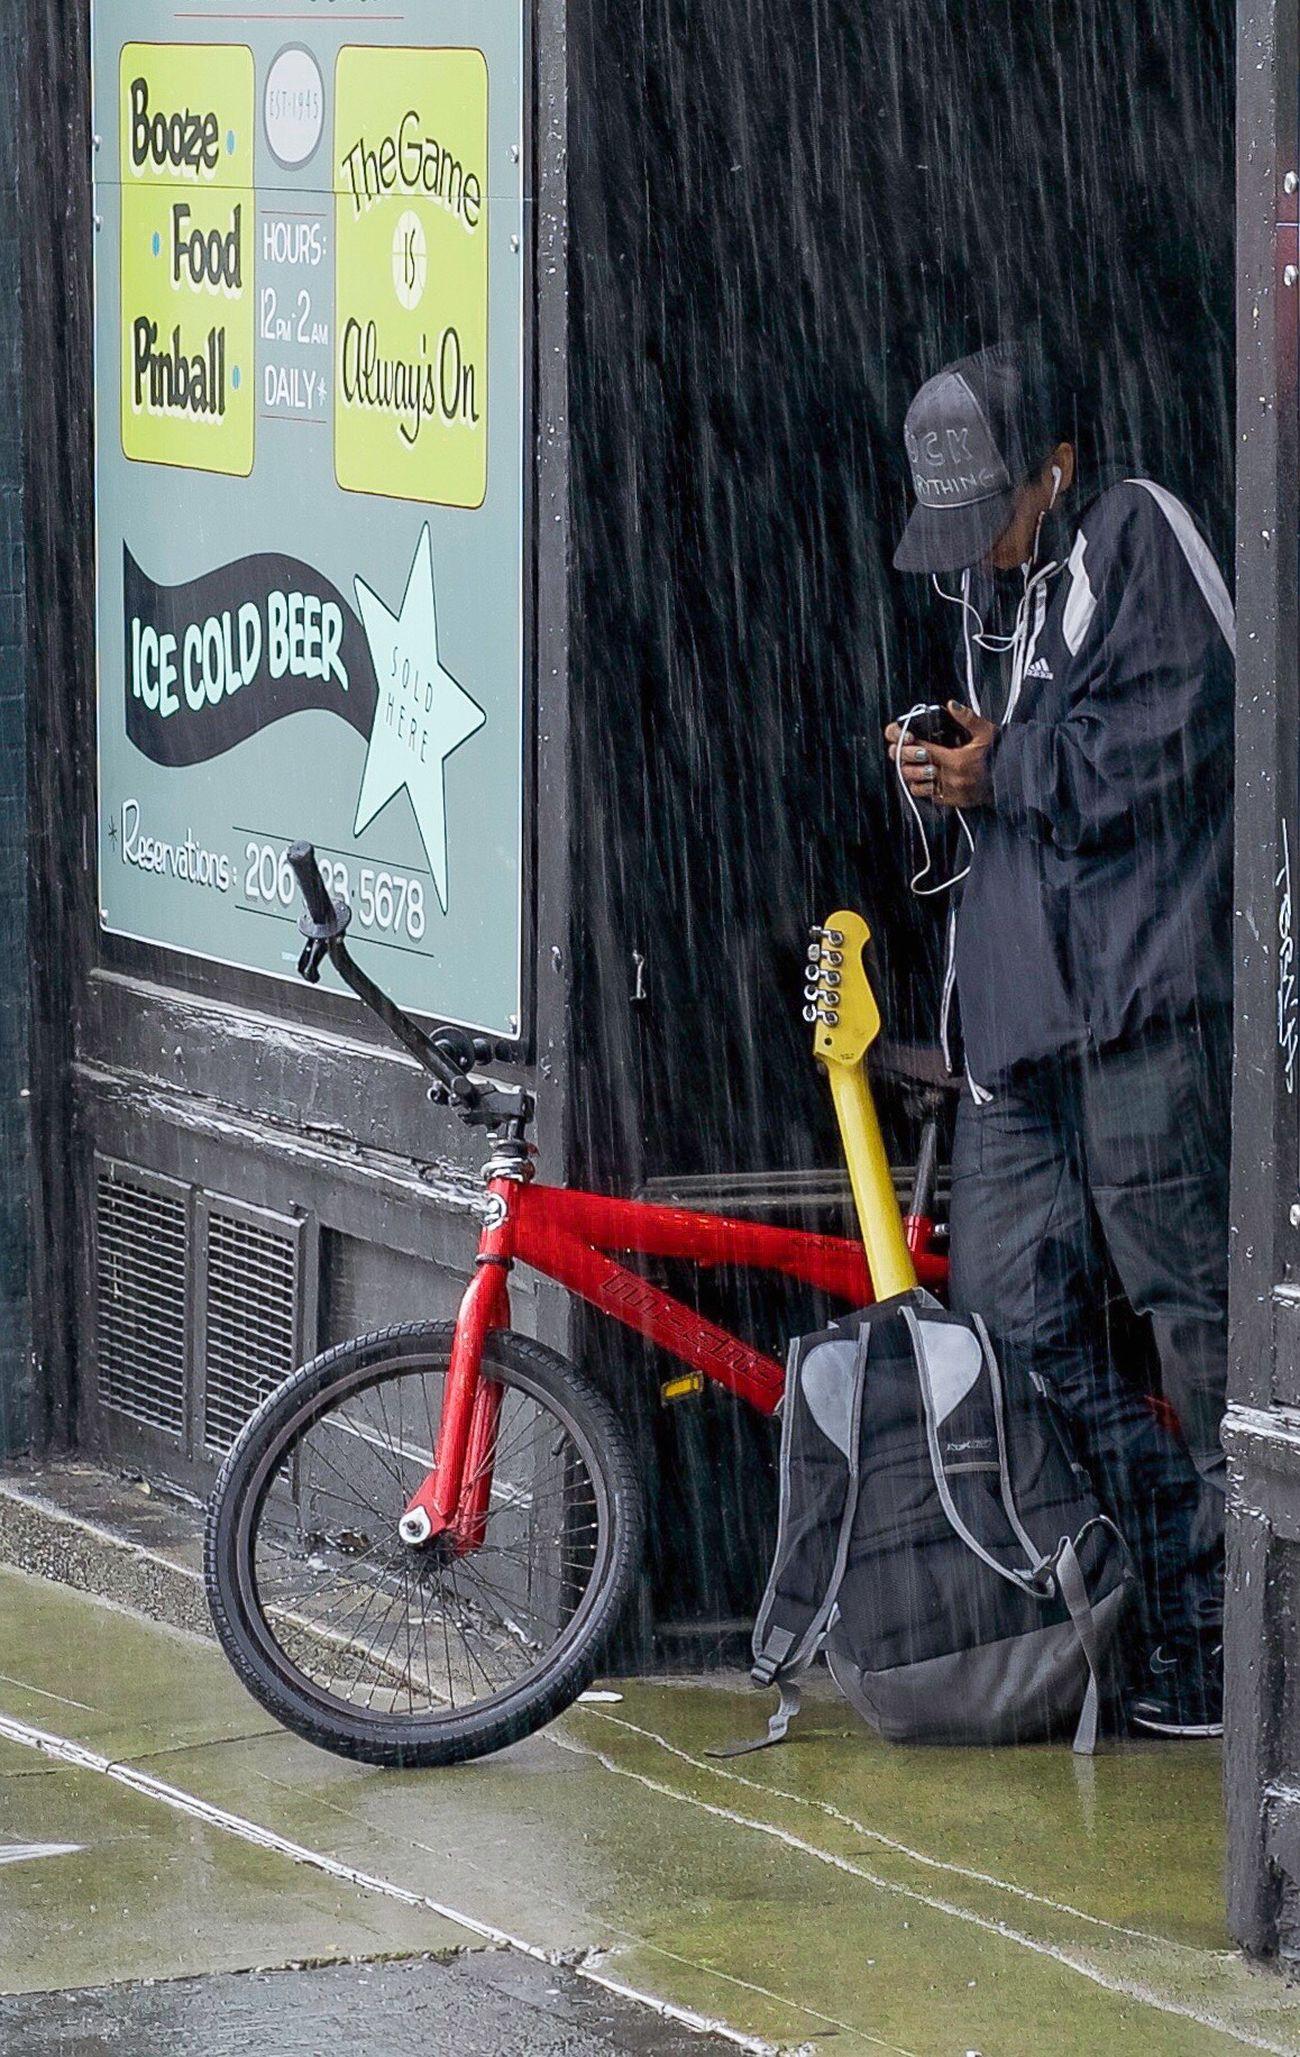 Seattle Rain Seattle Street Photography Streetphotography Urban Rain Sony a7II Sonya7II Sonyimage Capitalhill Seattlle